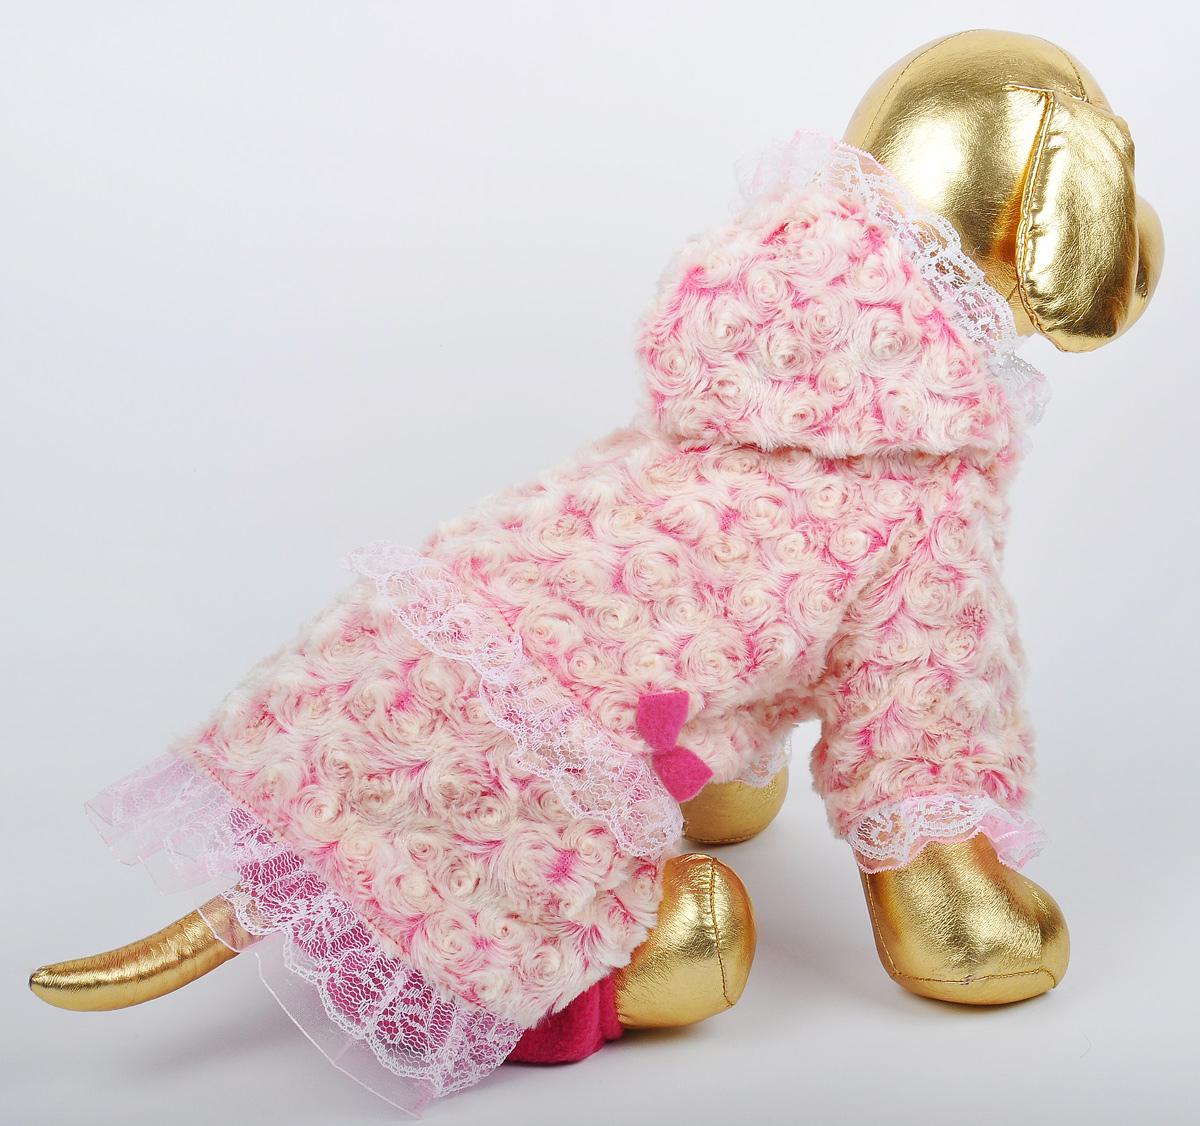 Шубка для собак GLG, цвет: розовый. Размер LMOS-025-LШубка для собак GLG выполнена из полиэстера и синтепона. Длинные рукава не ограничивают свободу движений, и собачка будет чувствовать себя в нем комфортно. Изделие застегивается с помощью кнопок..Модная и невероятно удобная шубка защитит вашего питомца от прохладной погоды .Длина спины: 28-30 см Обхват груди: 43-45 см.